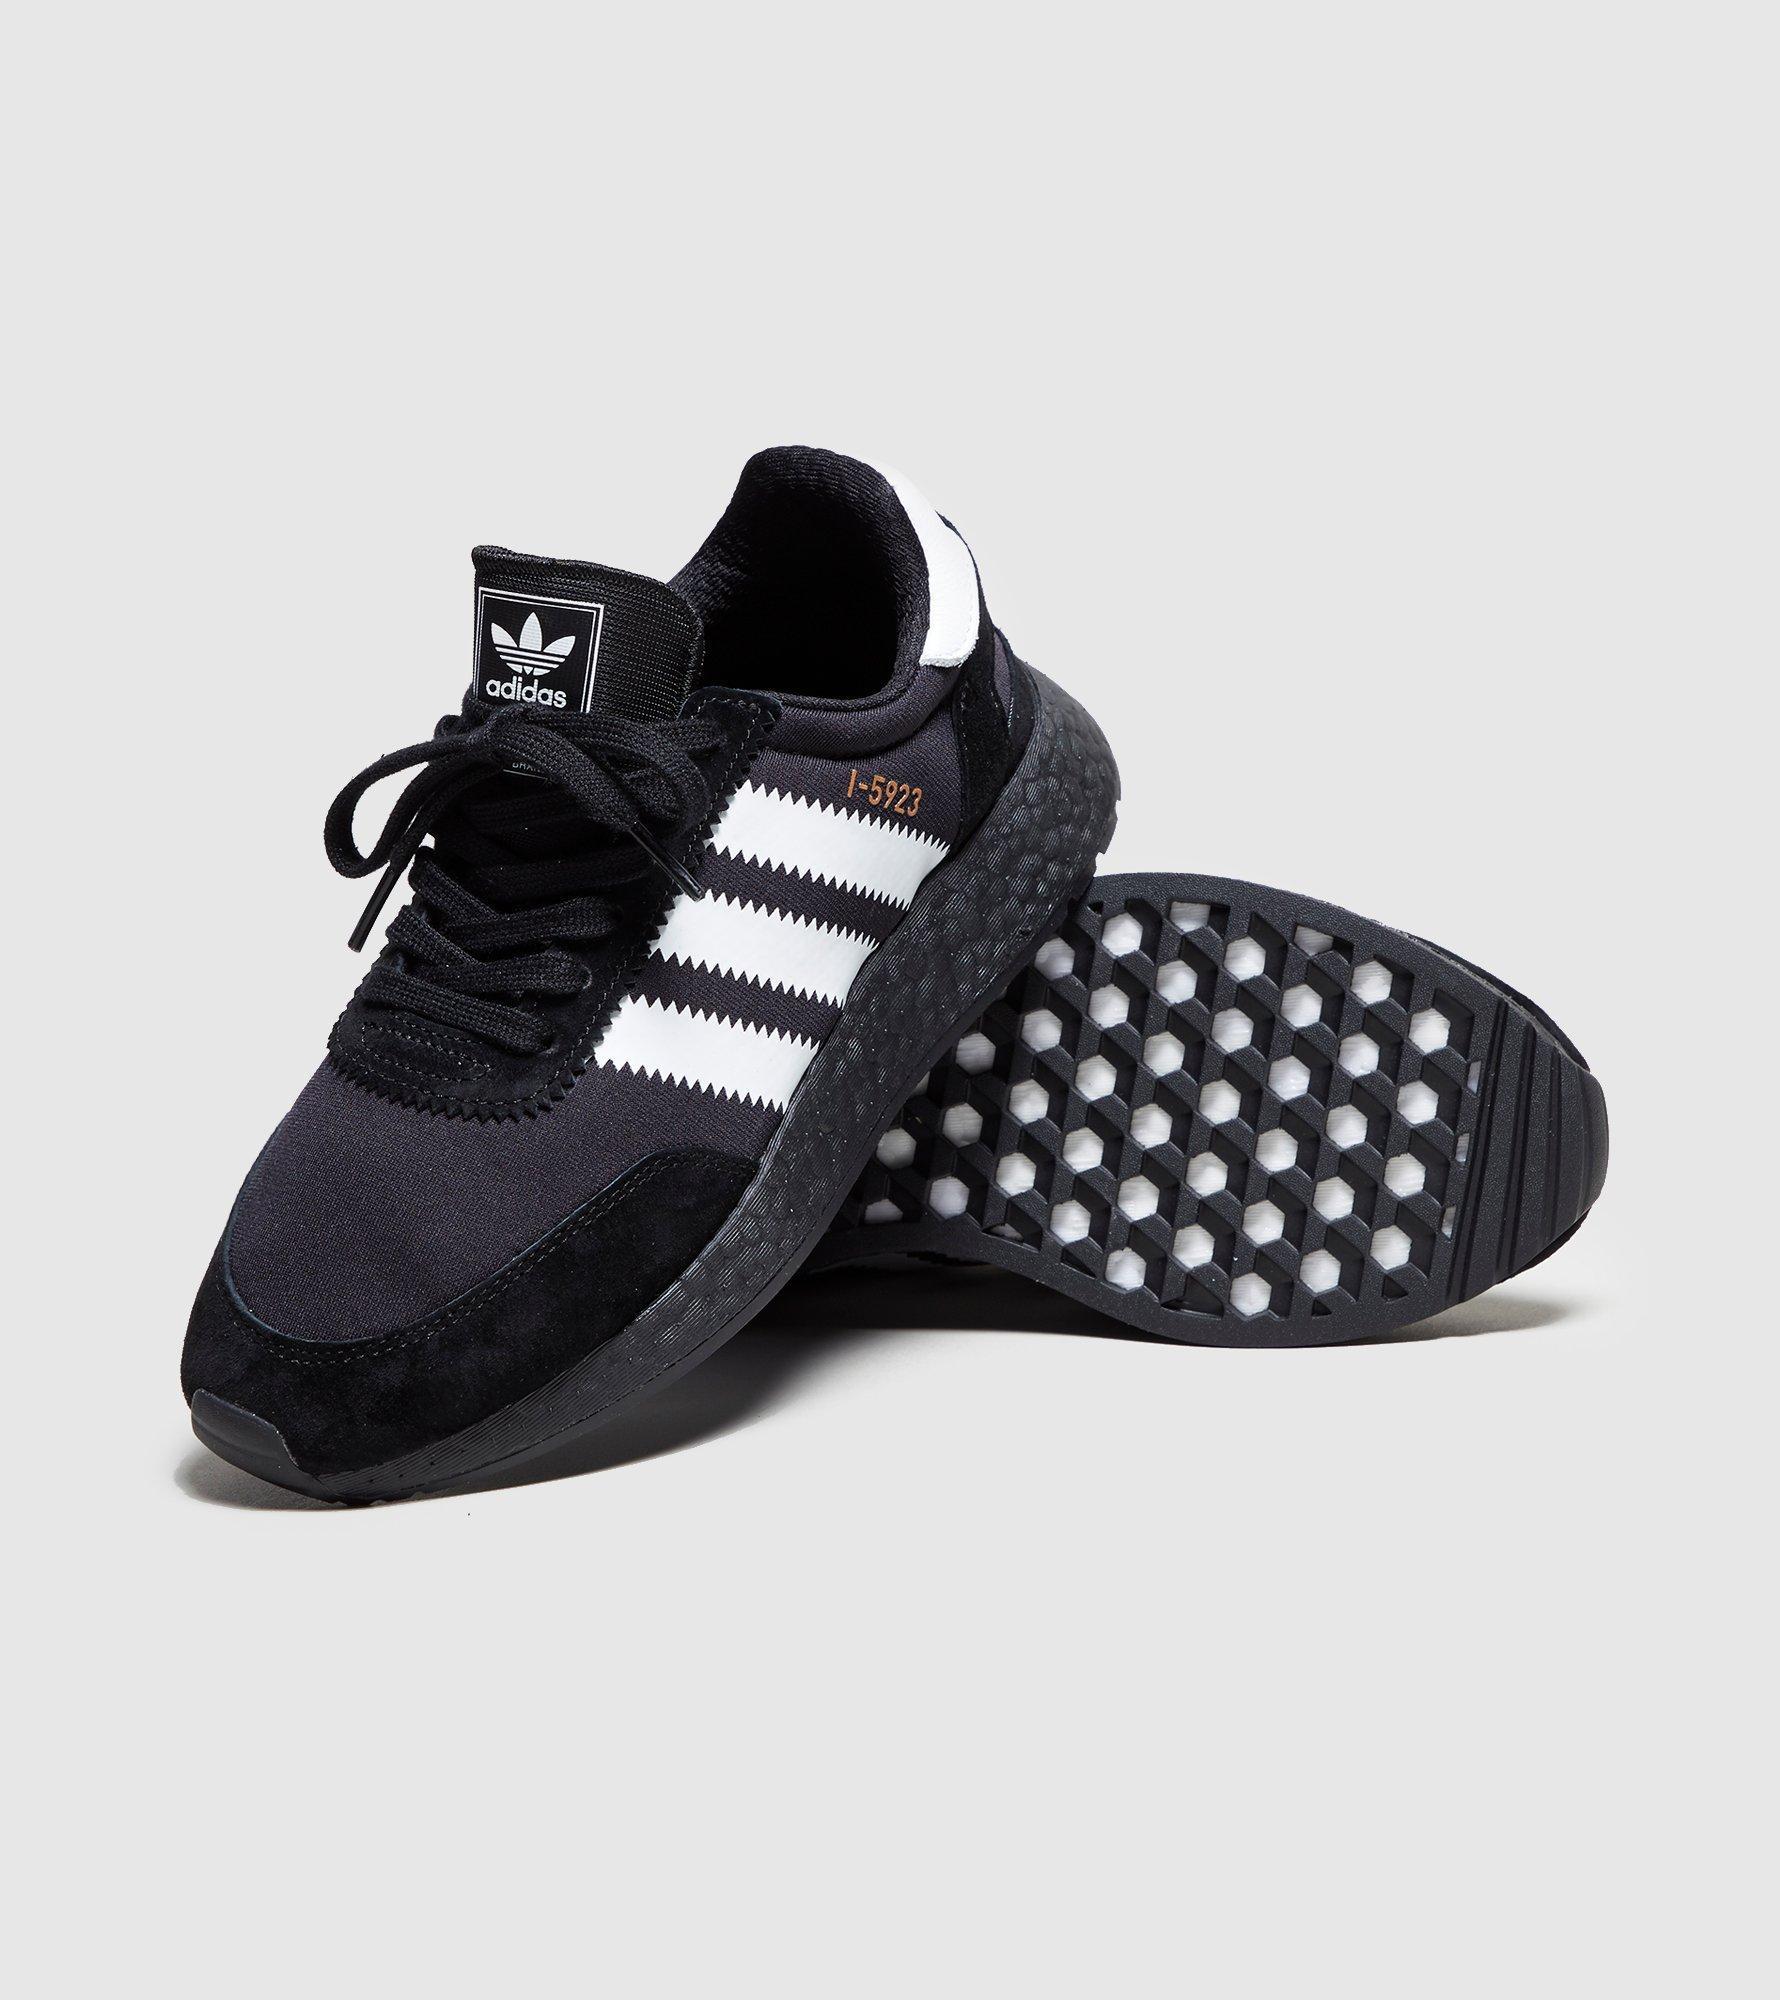 Lyst - adidas Originals I-5923 Women s in Black 767713f344069